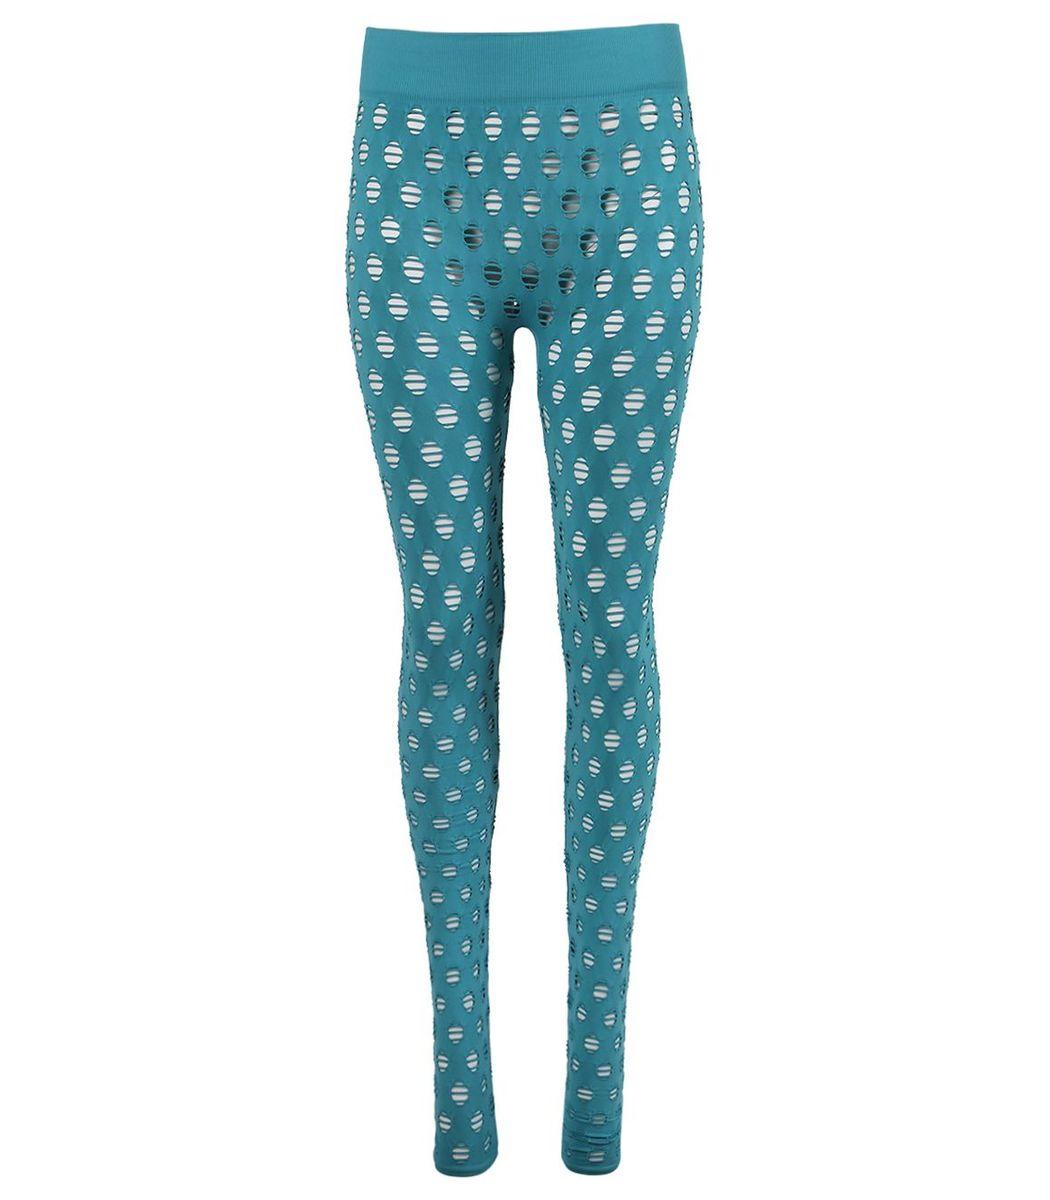 Maisie Wilen Perforated Leggings, Aqua